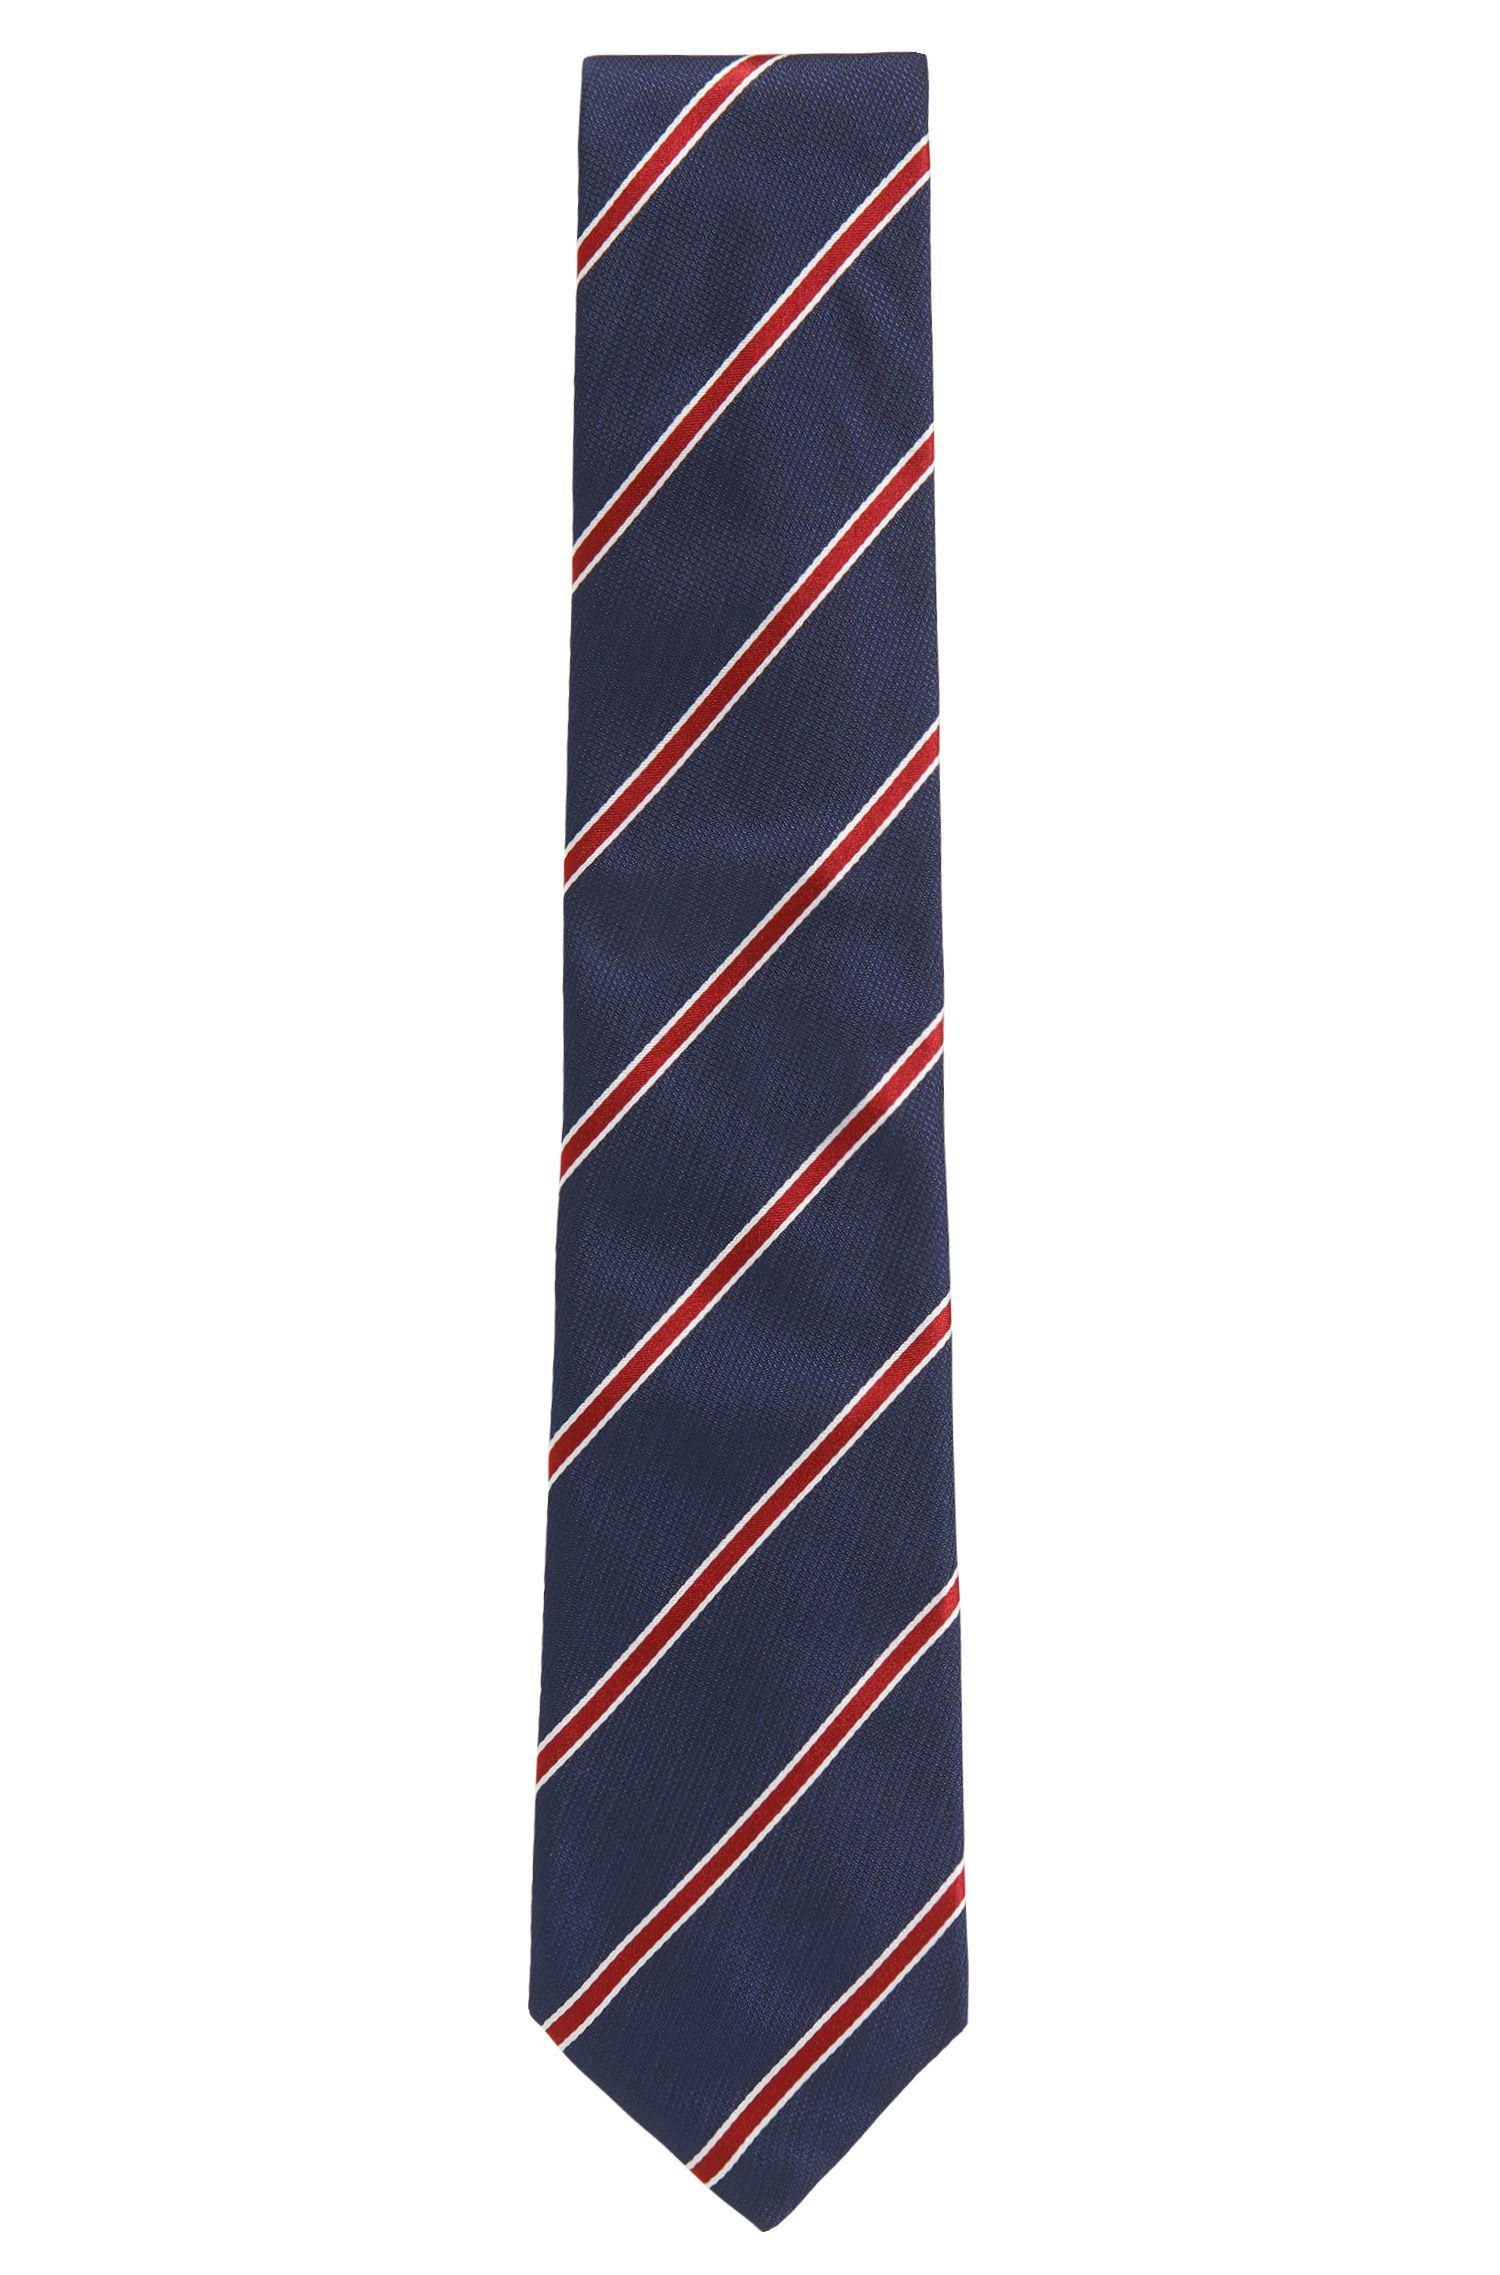 Corbata en jacquard de seda teñida en hilo con rayas diagonales